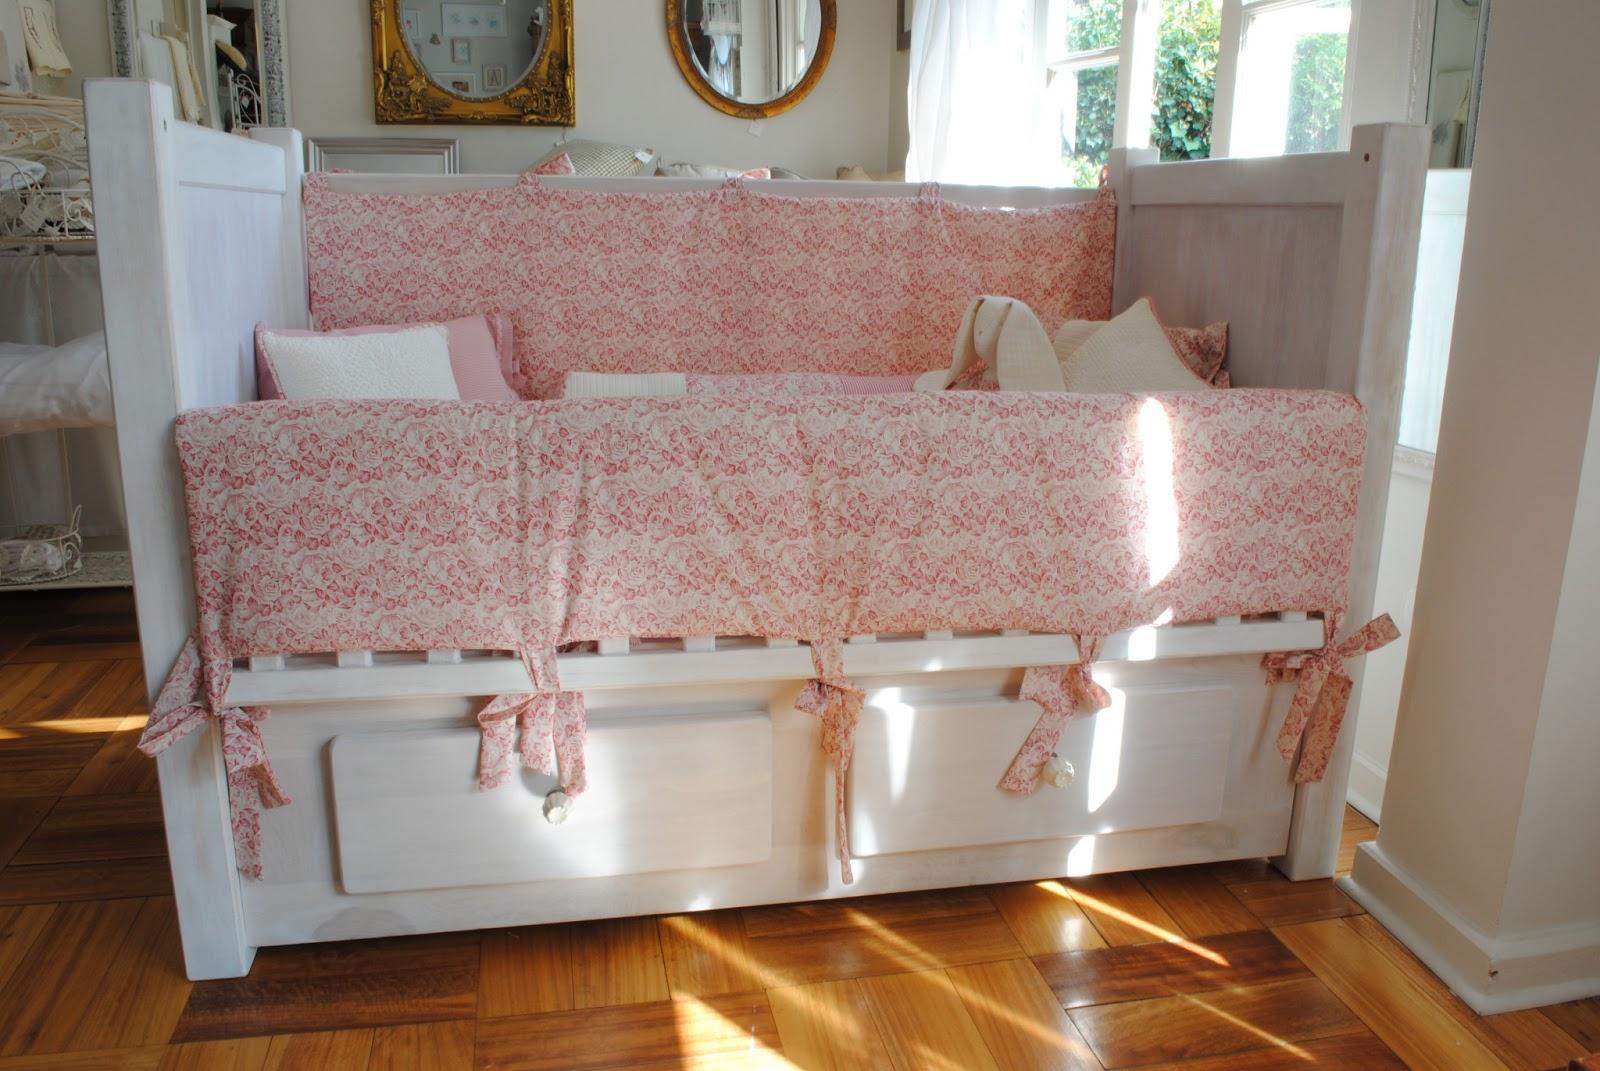 Paz montealegre decoraci n cunas de madera para beb for Cunas para bebes de madera